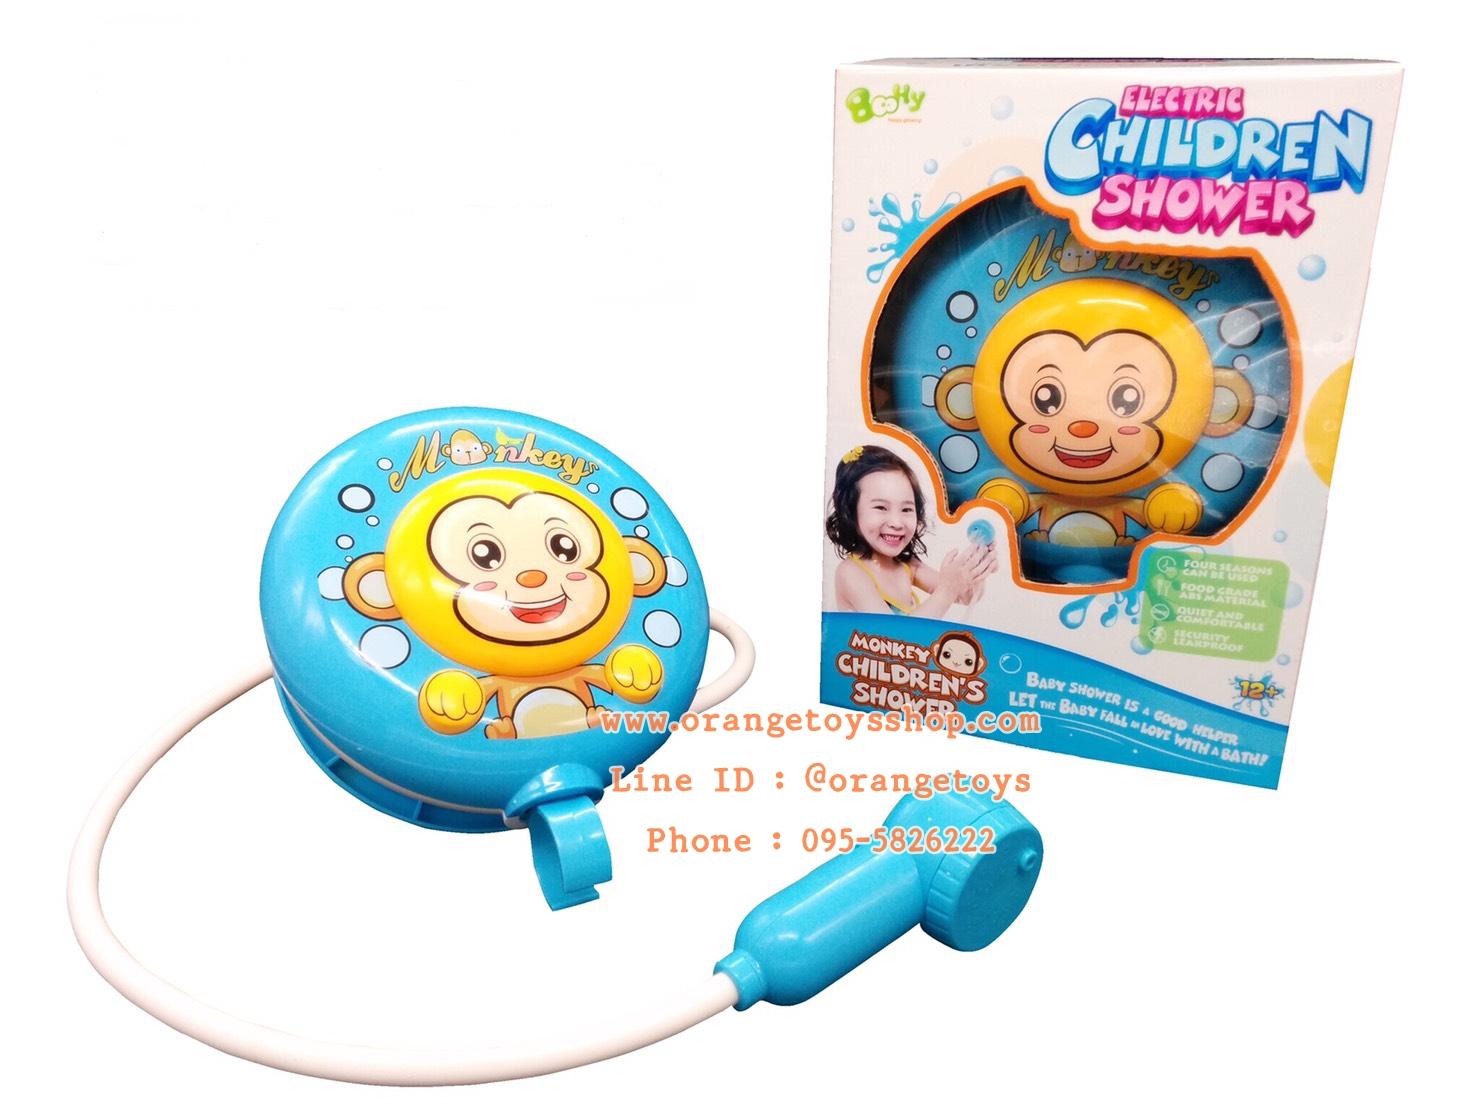 ของเล่นในน้ำ ฝักบัวอาบน้ำ สำหรับเด็ก ใส่ถ่าน 2A ของเล่นในห้องน้ำ